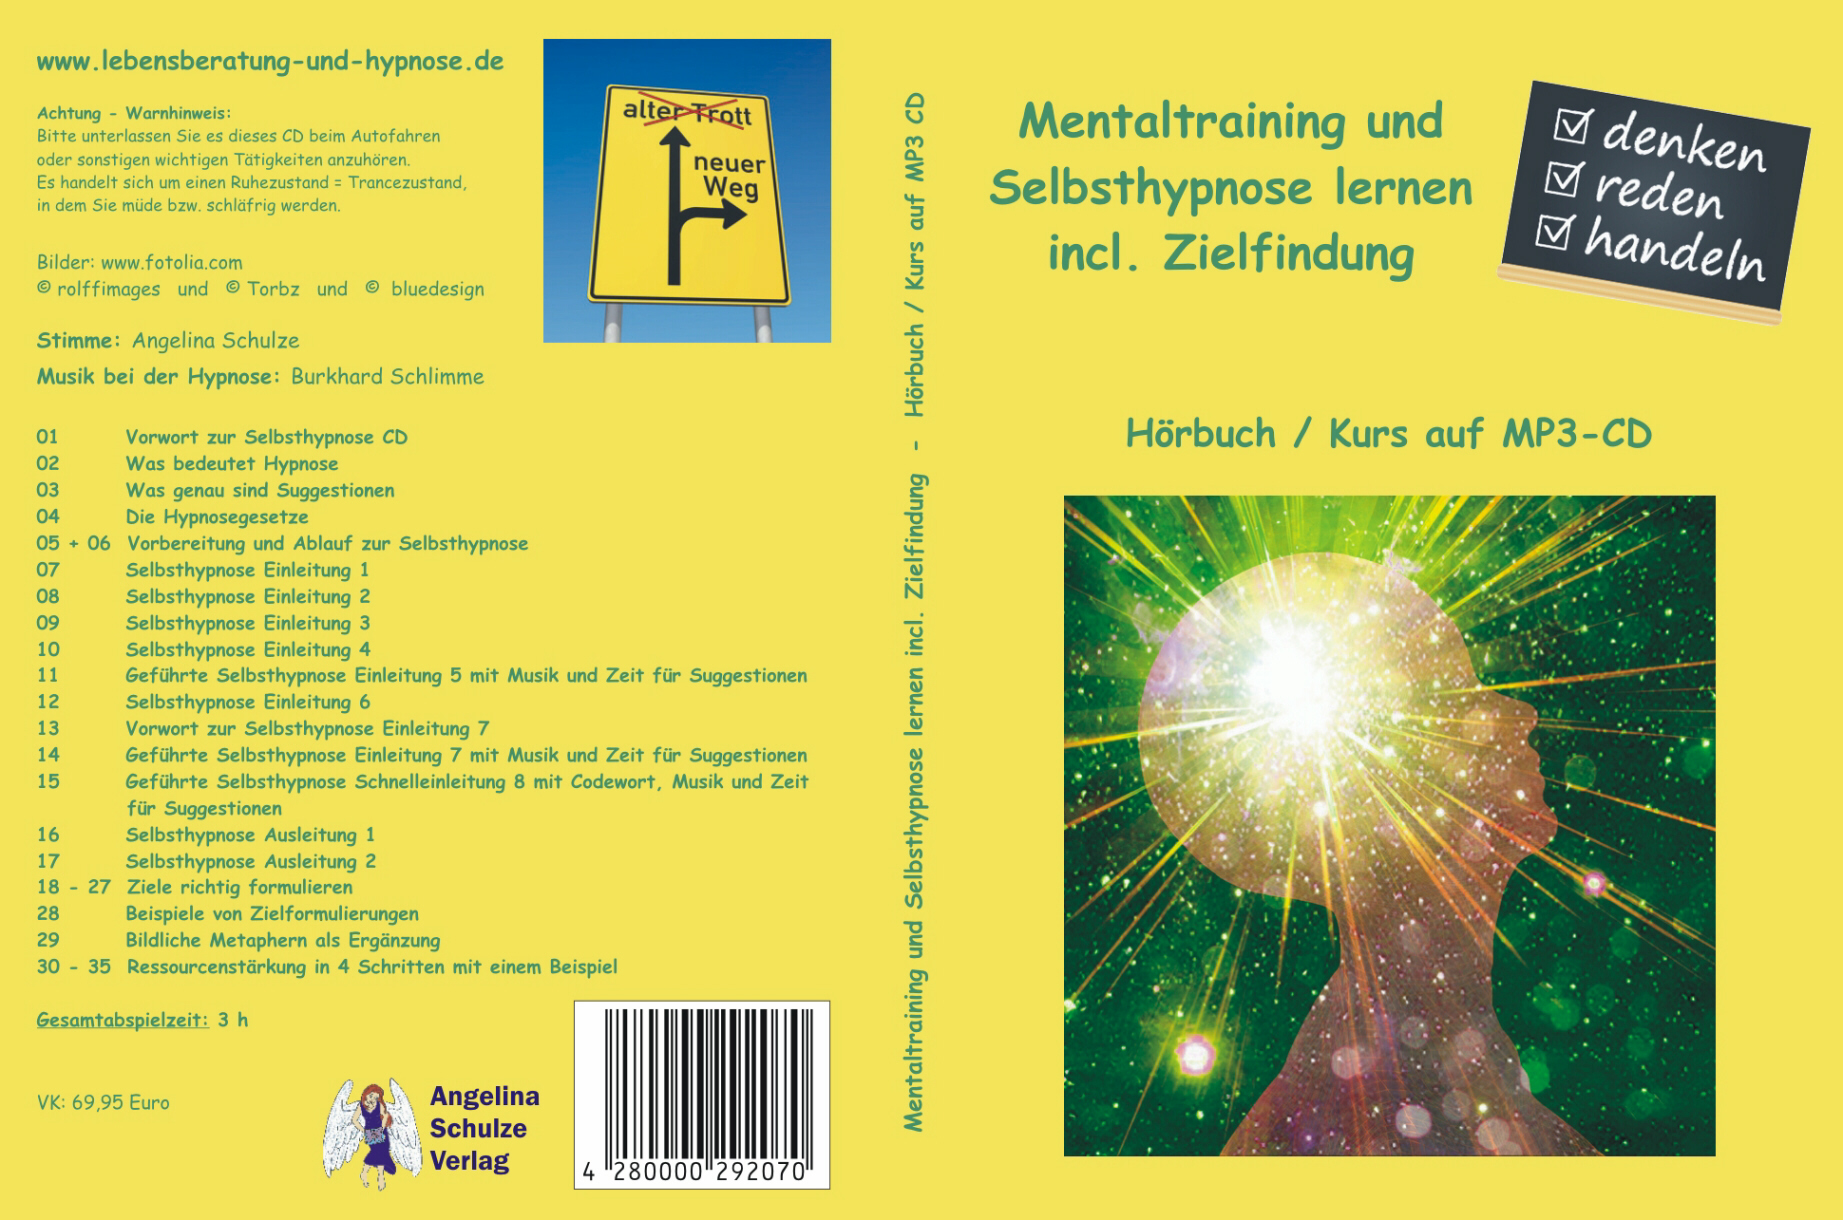 Mentaltraining und Selbsthypnose lernen incl. Zielfindung Angelina Schulze